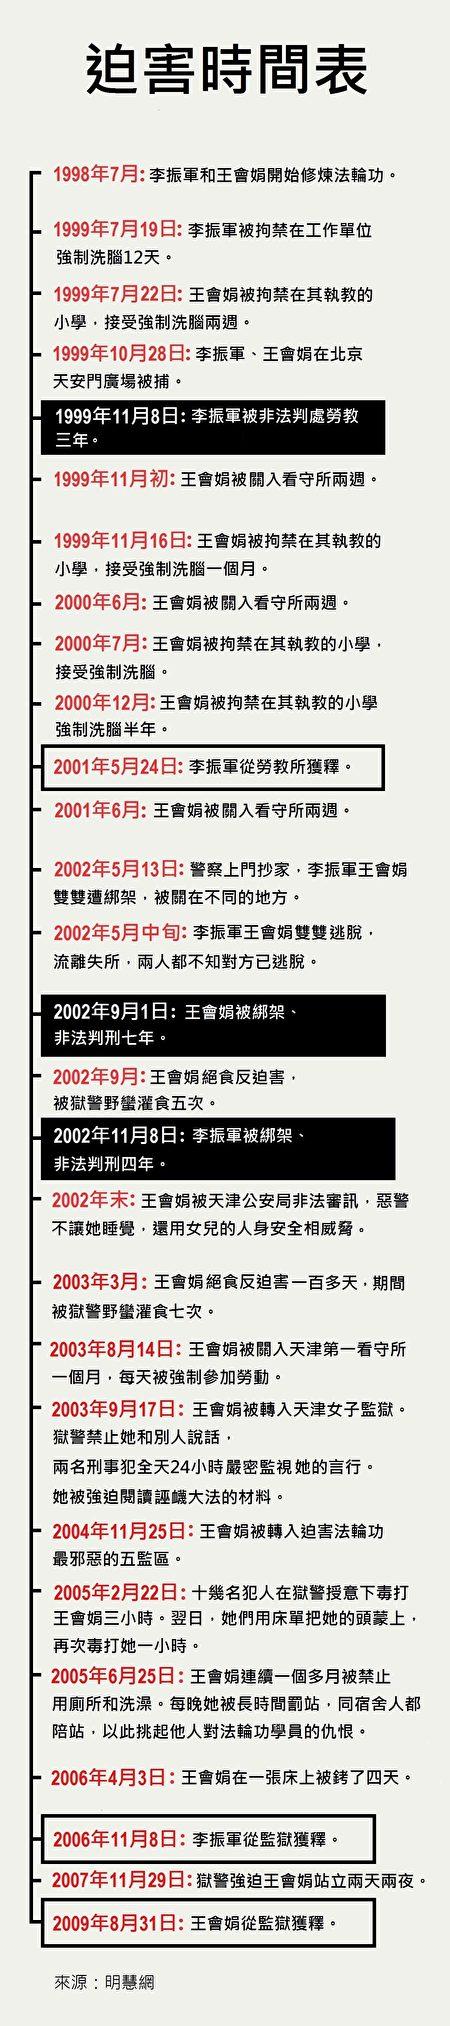 李振军王会娟夫妇受中共迫害时间表。(大纪元制图)